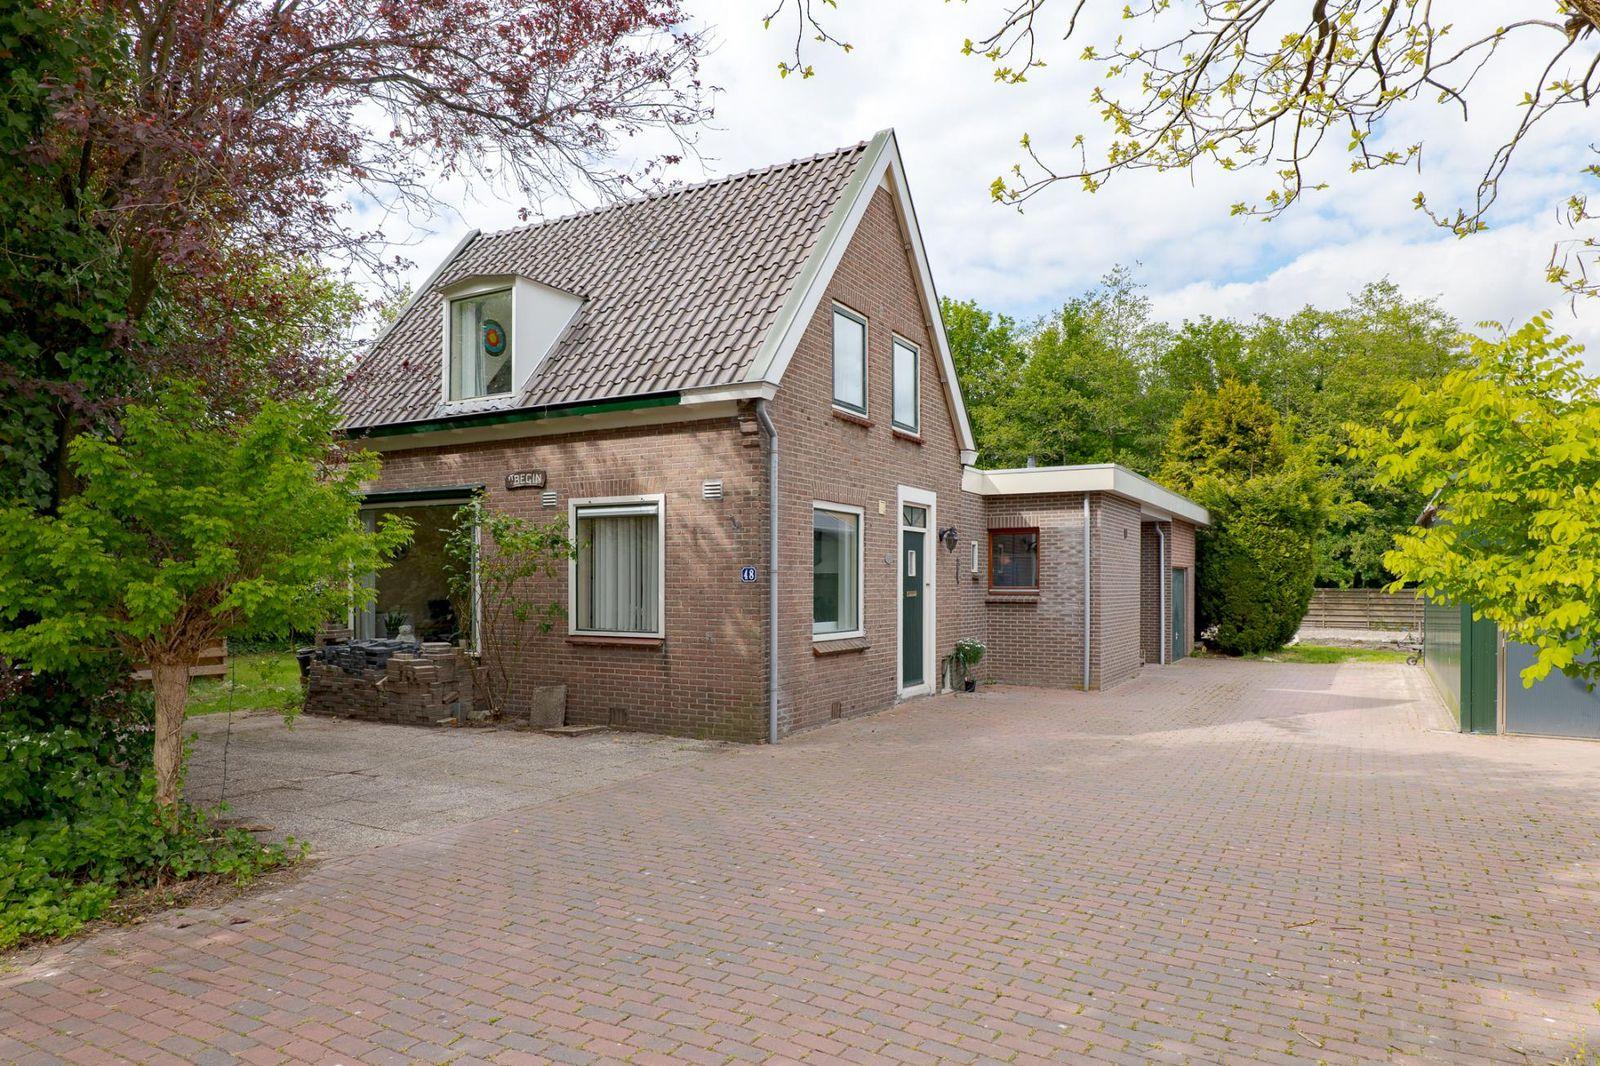 Mr. Harm Smeengeweg 48, Witteveen